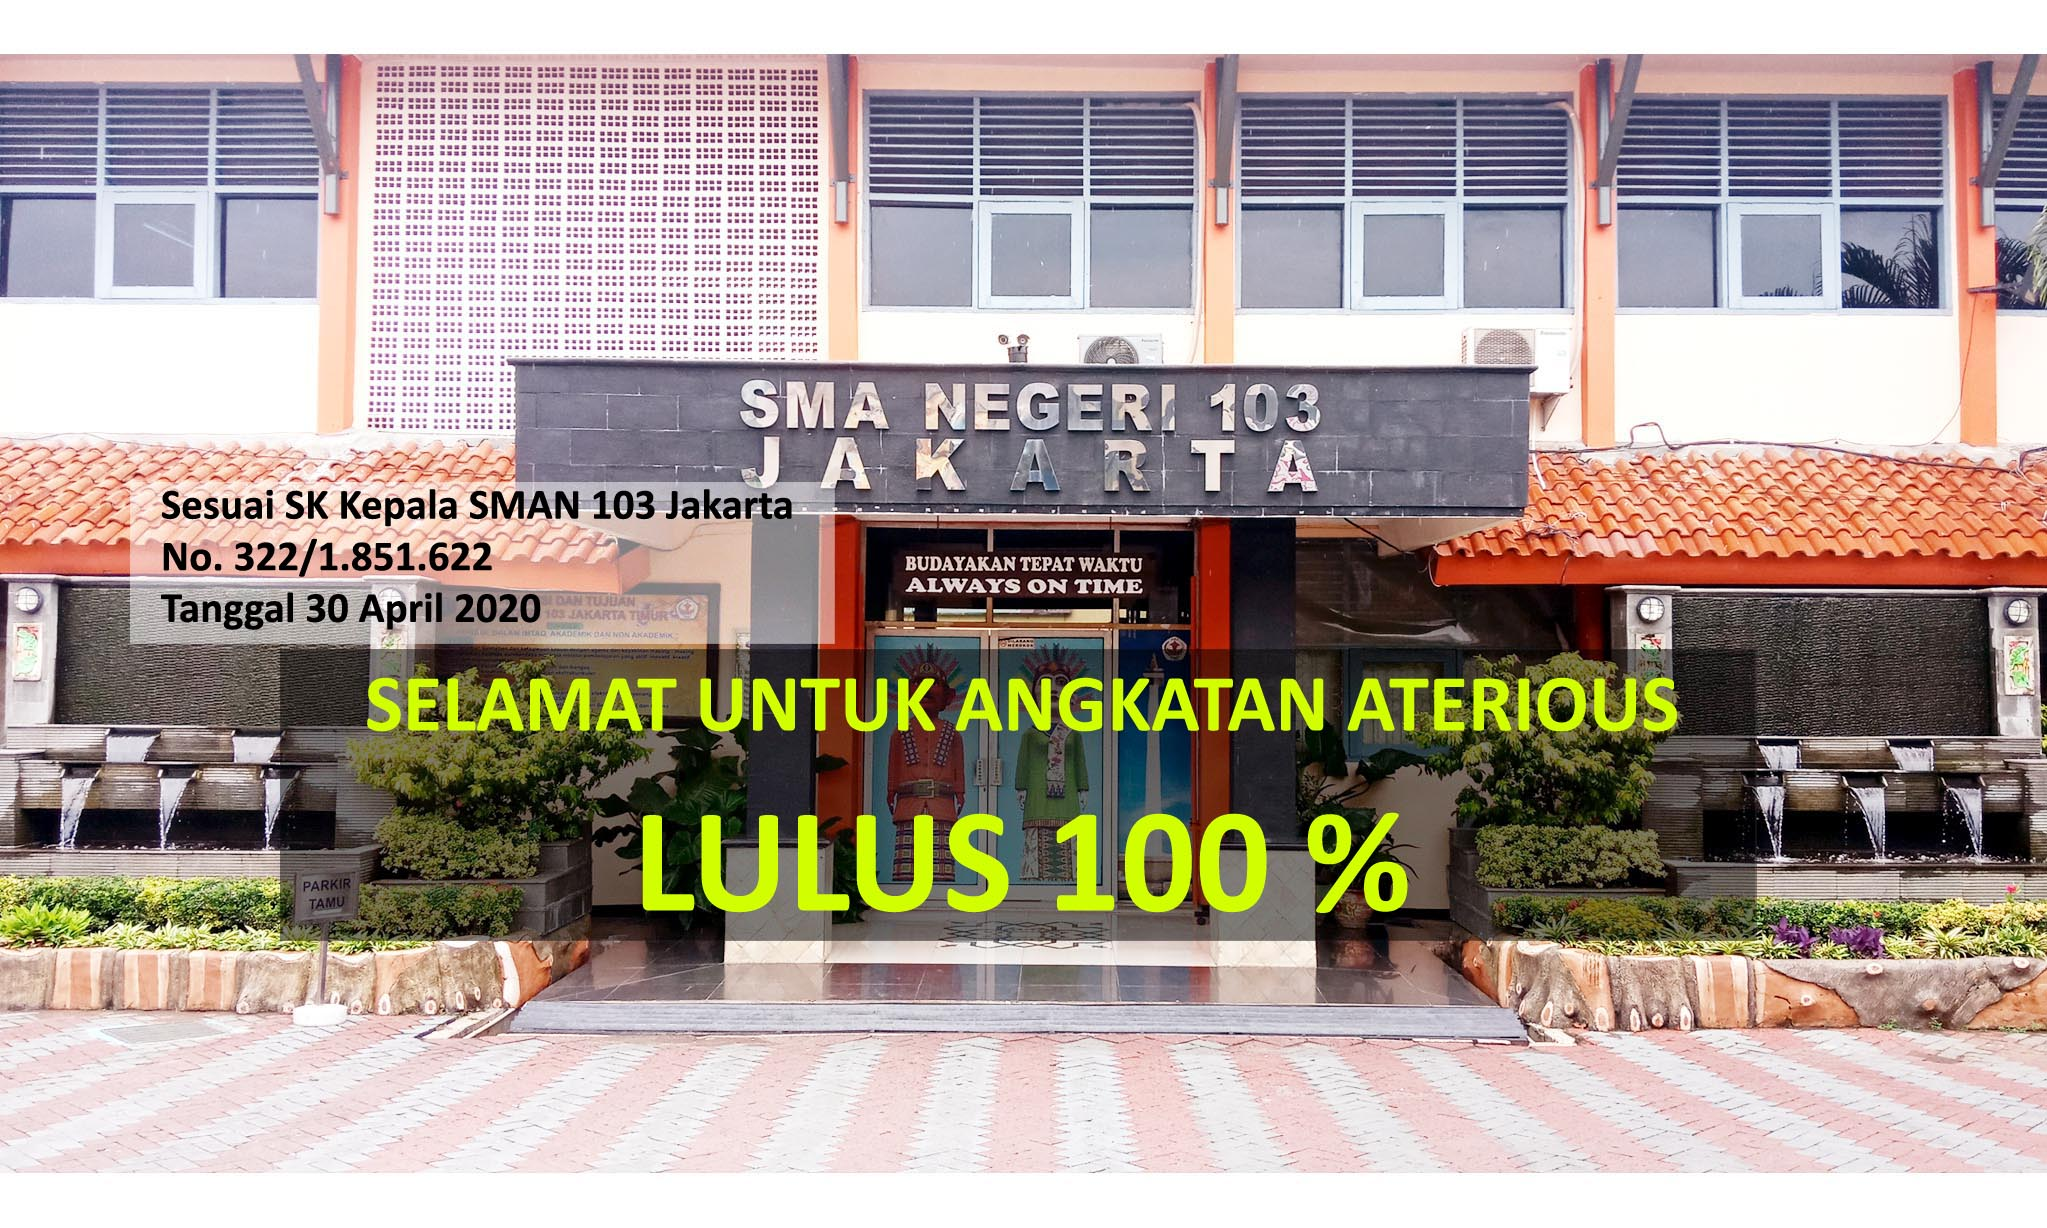 SMA NEGERI 103 JAKARTA